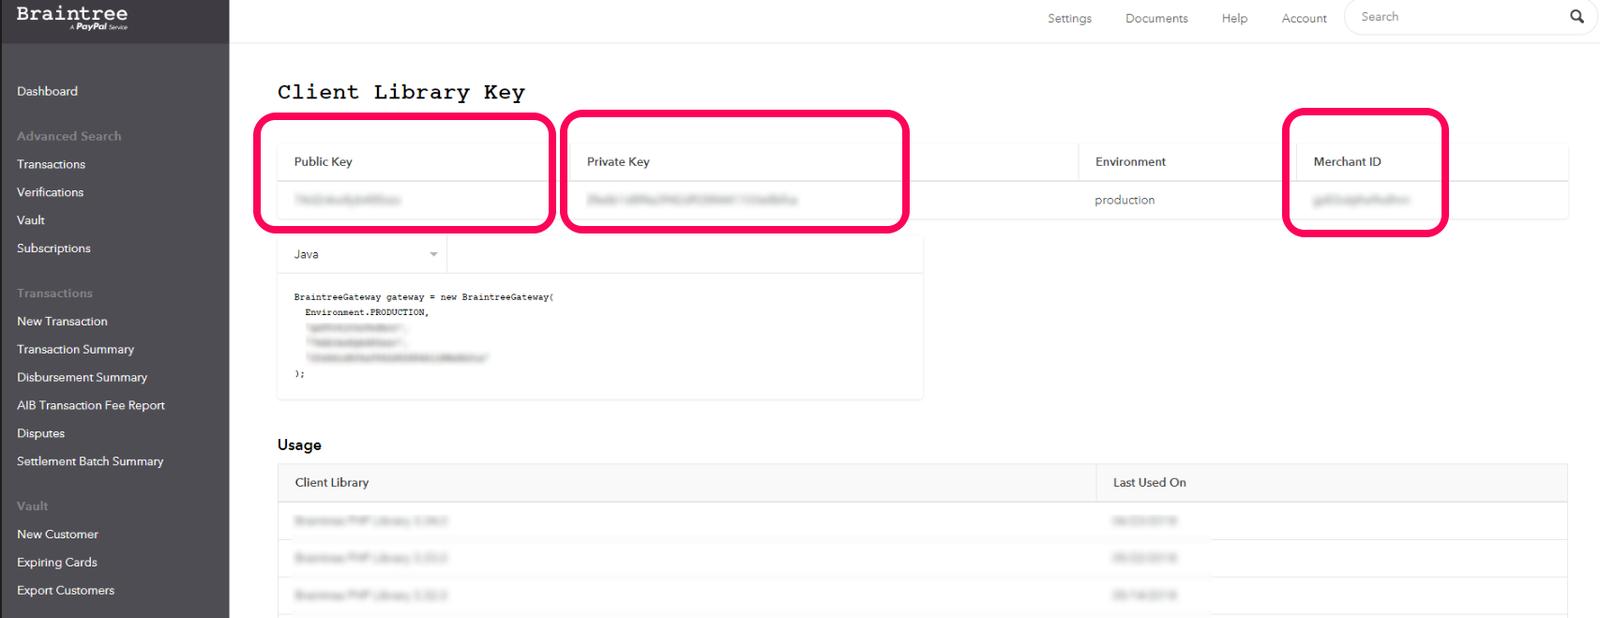 Панел за копиране на Public Key, Private Key и Merchant ID